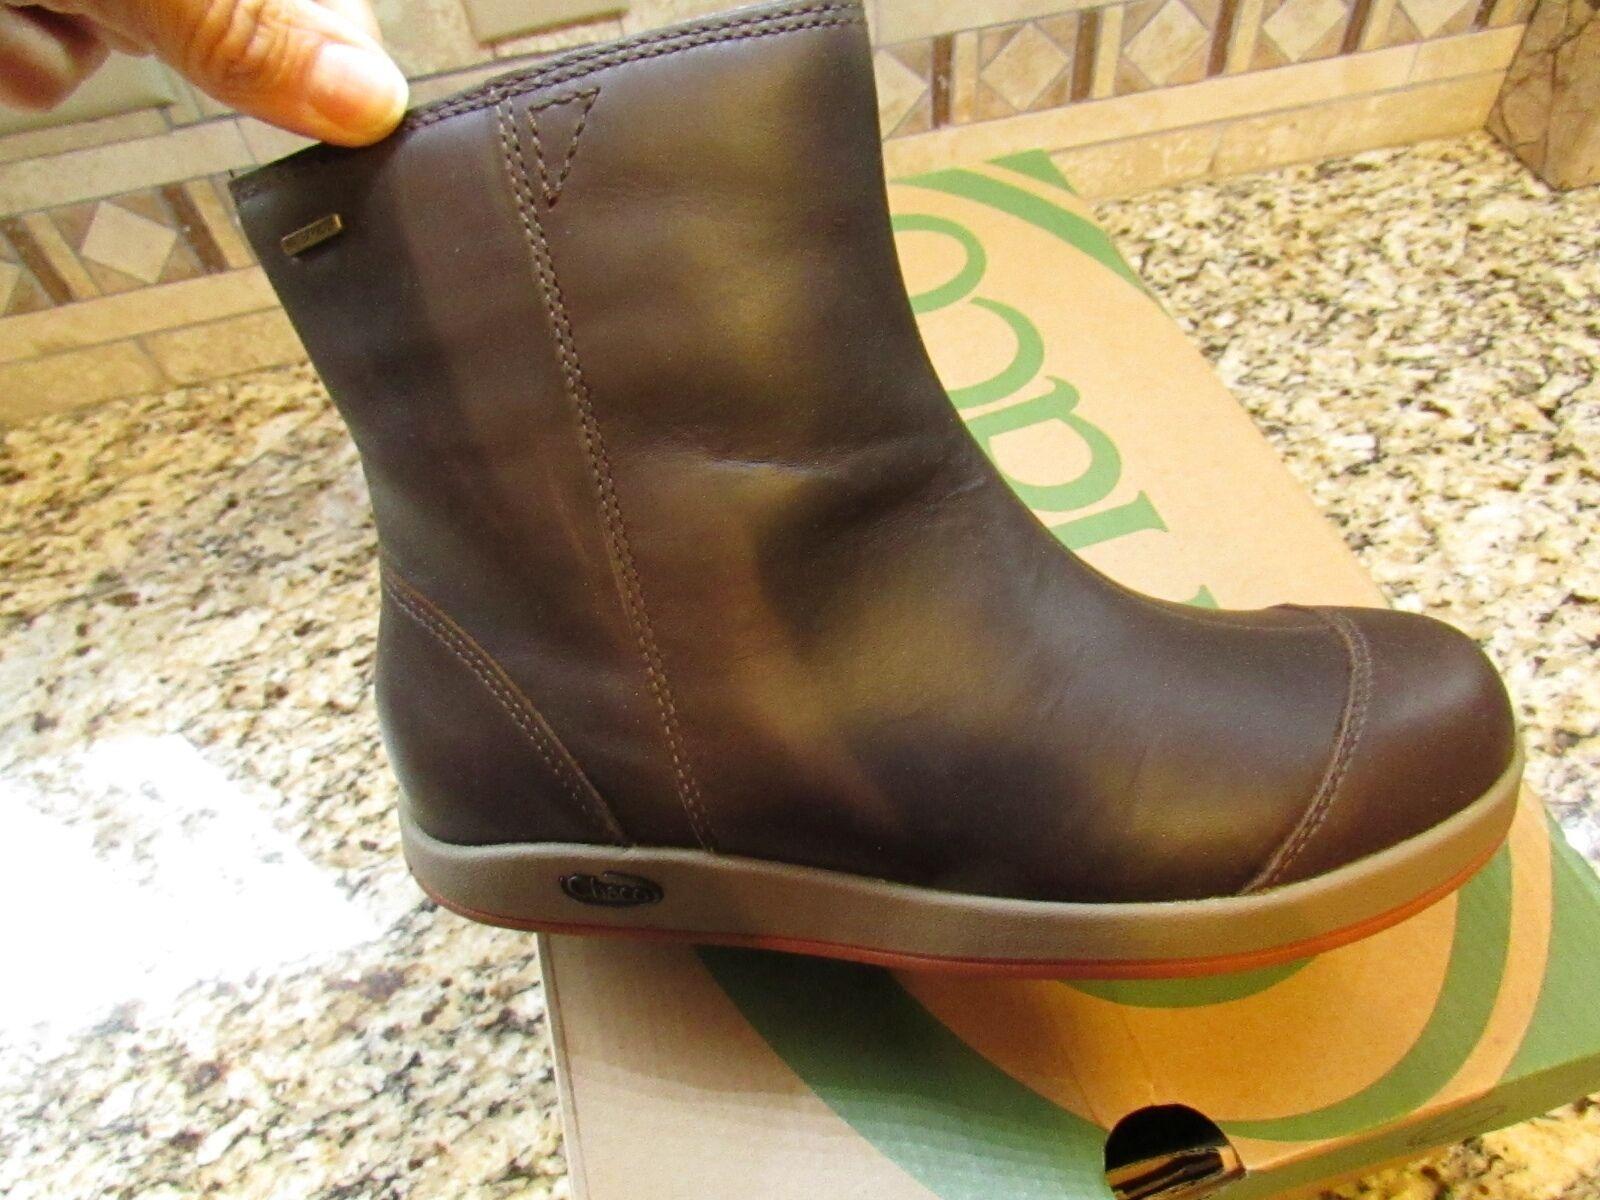 Nuevo Chaco Darcy Impermeable botas De Cuero Para Mujer 6 marrón Botines Envío Gratis